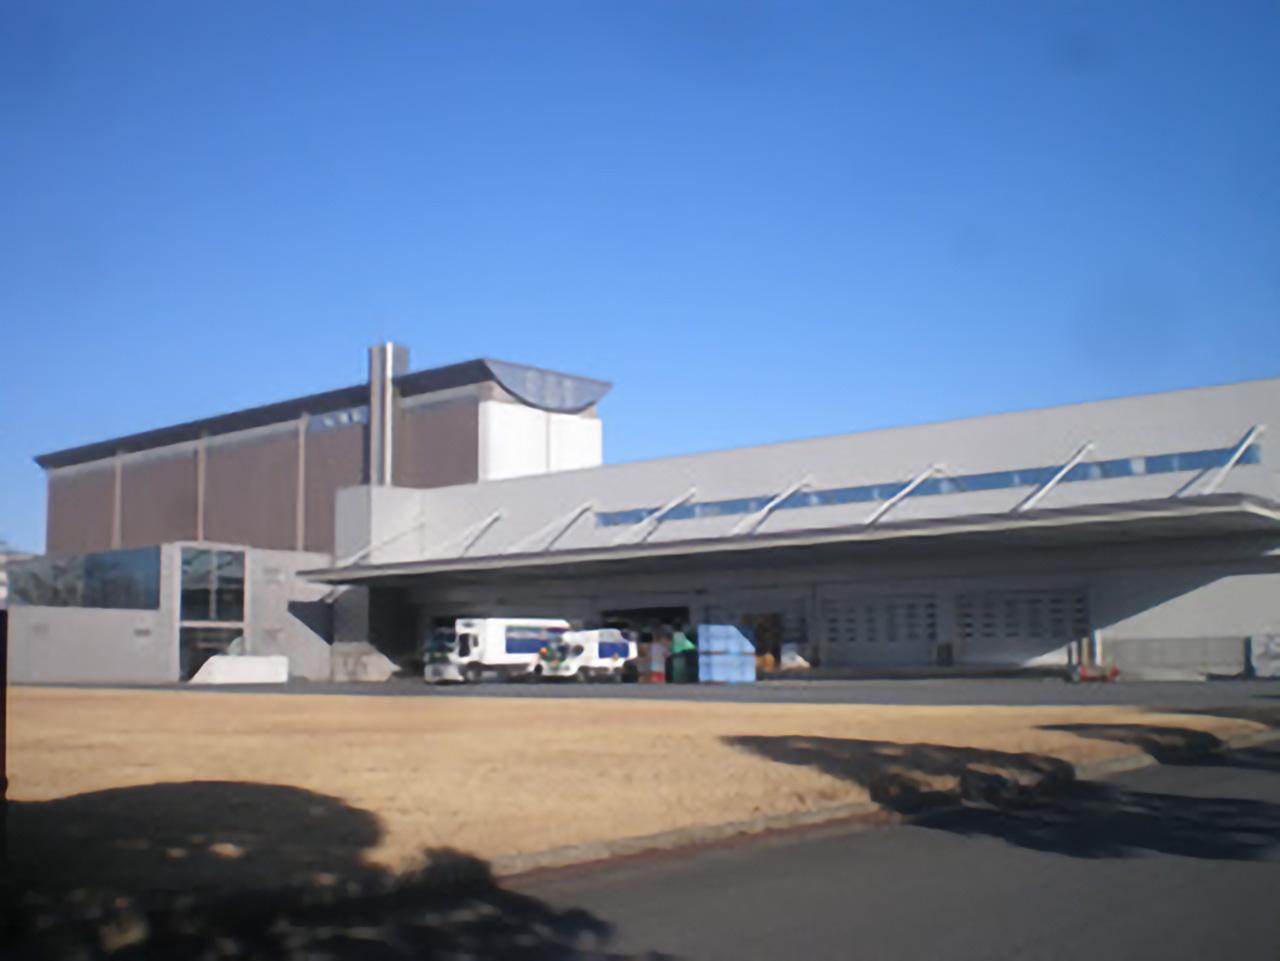 印刷会社ロジスティックセンター電気設備工事